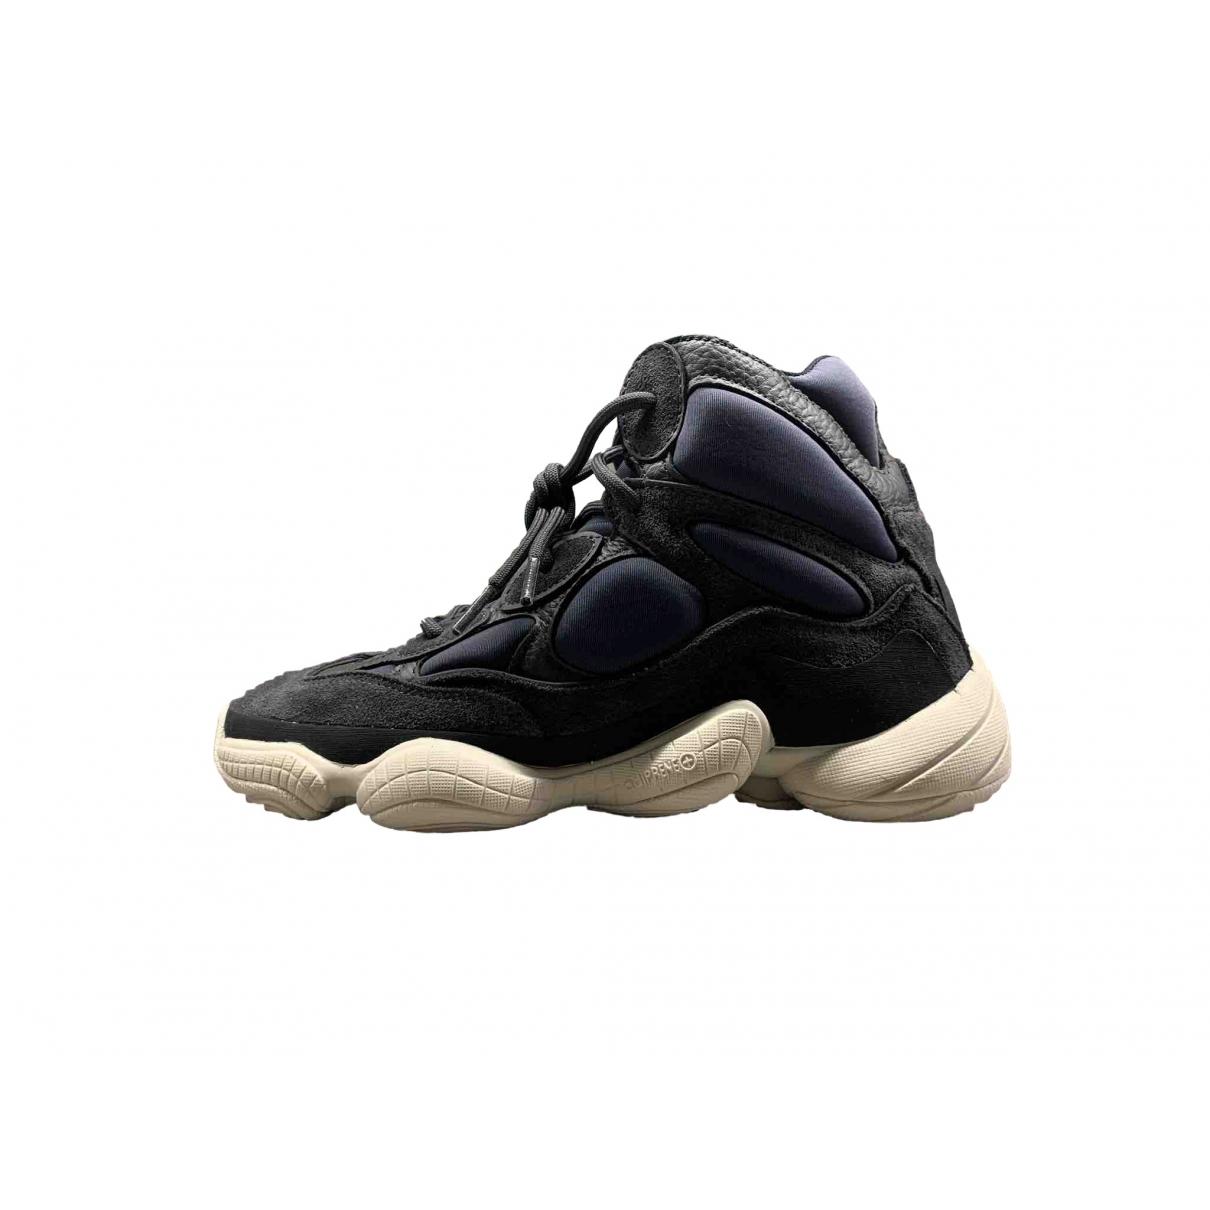 Yeezy X Adidas - Baskets 500 pour homme en suede - bleu